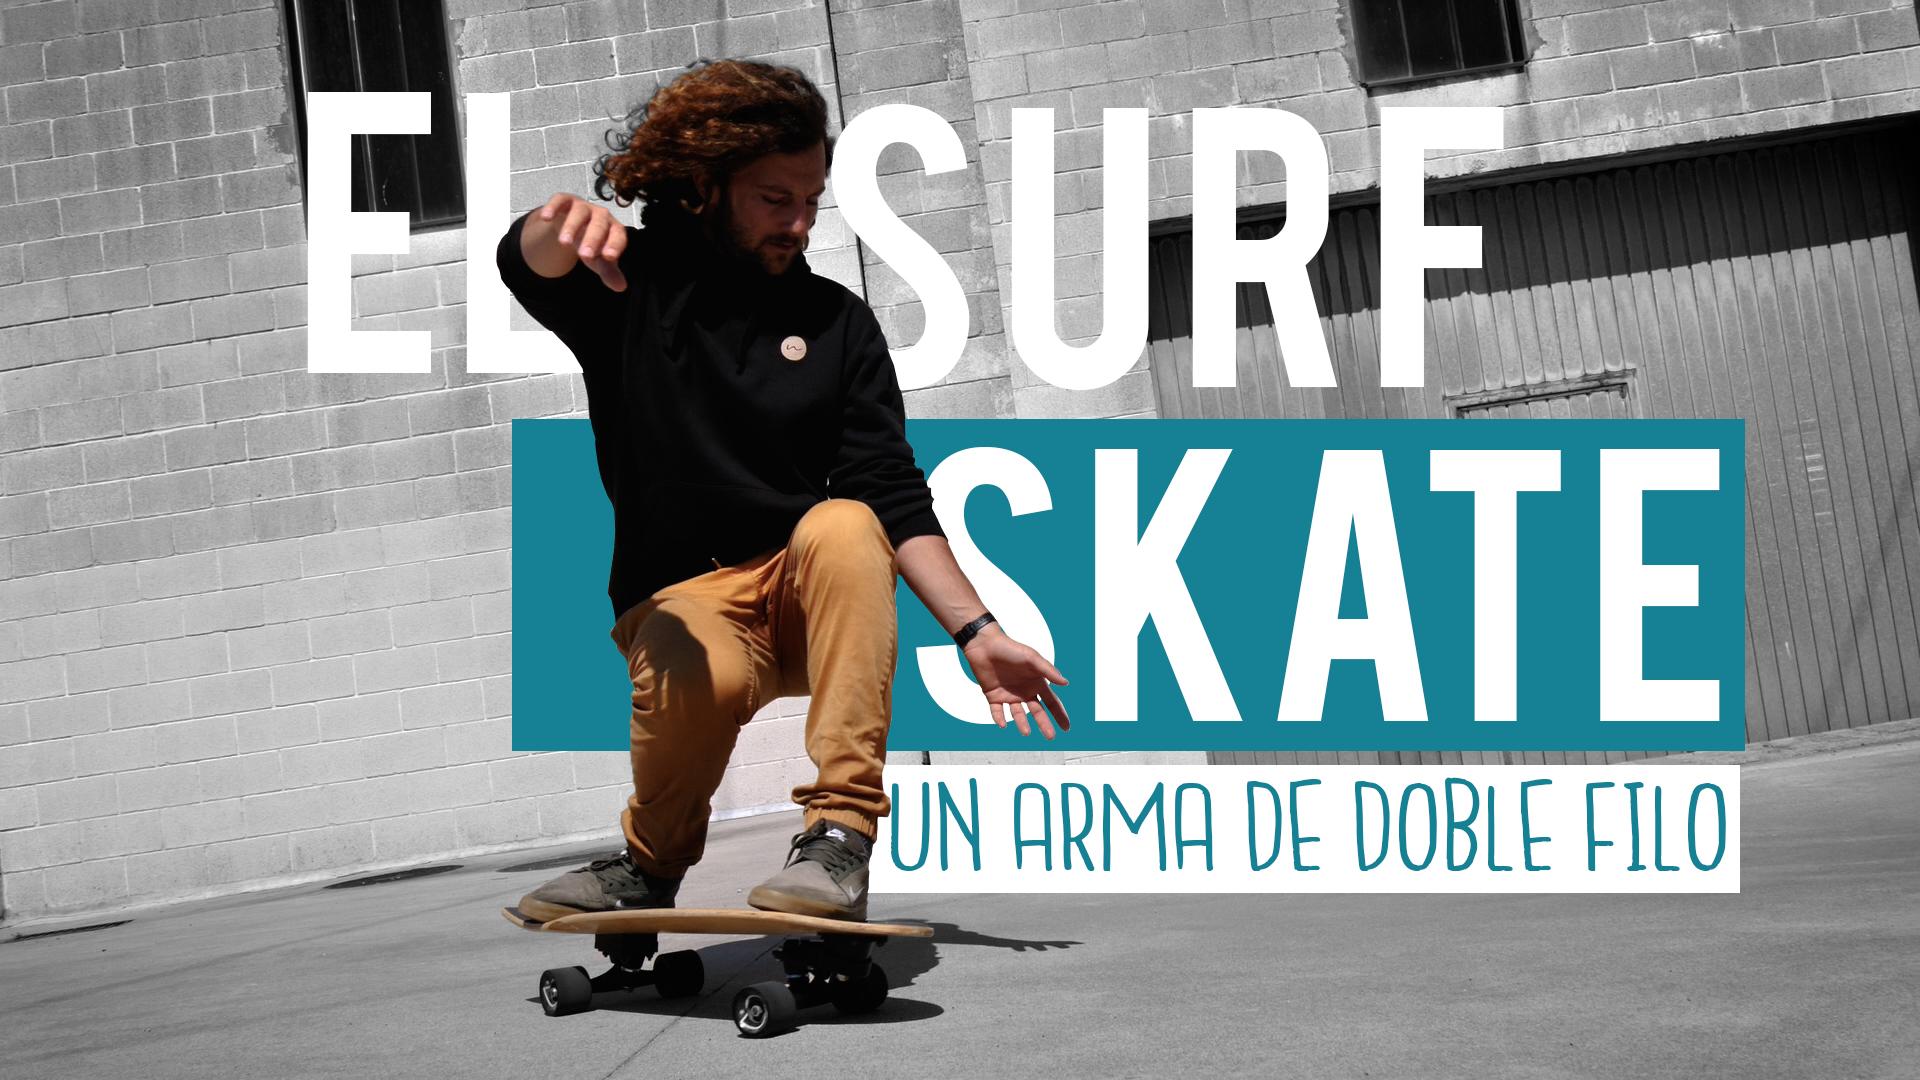 Tecnica de surf avanzado en surfskate (VIDEO!)